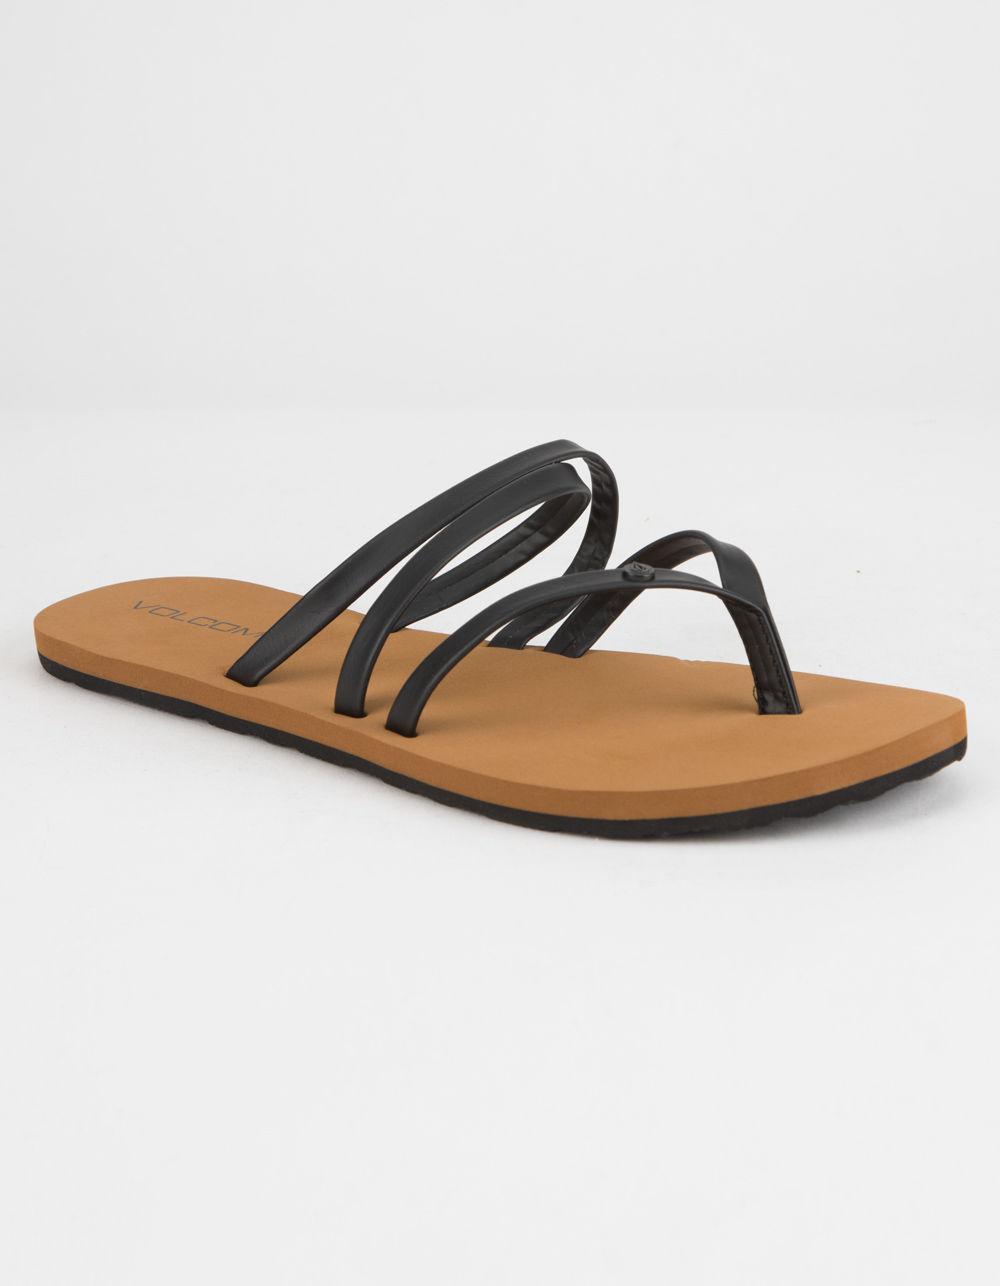 92feeb68dd5b Lyst - Volcom Easy Breezy Womens Sandals in Black